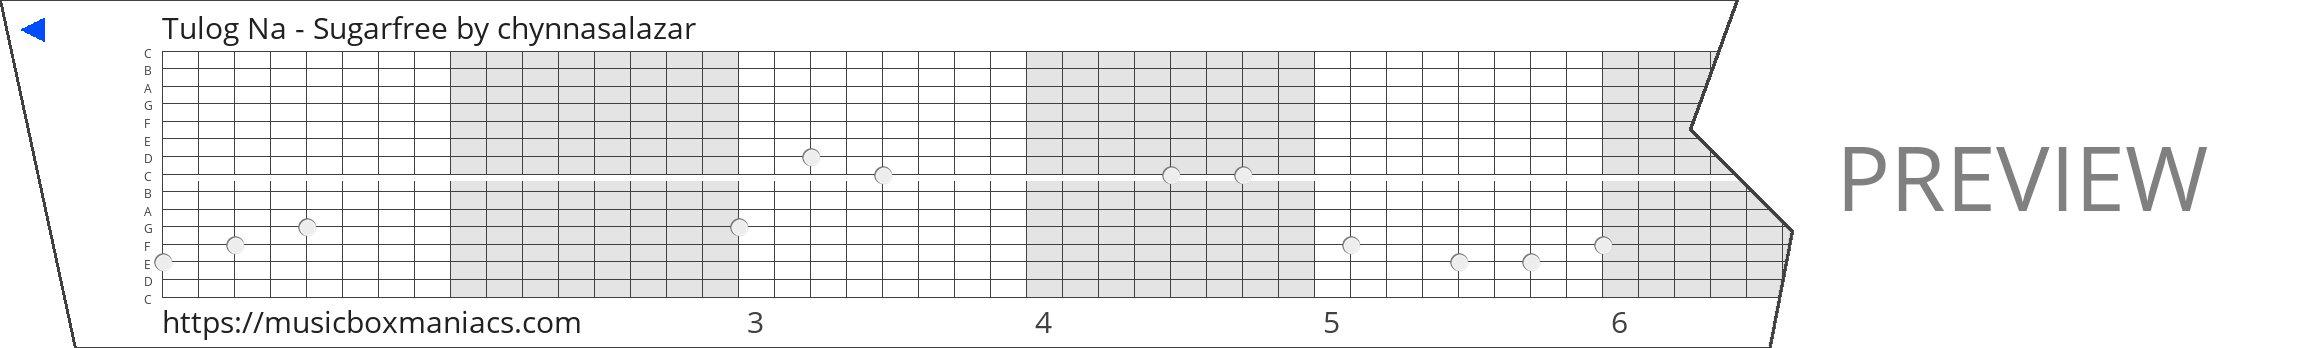 Tulog Na - Sugarfree 15 note music box paper strip